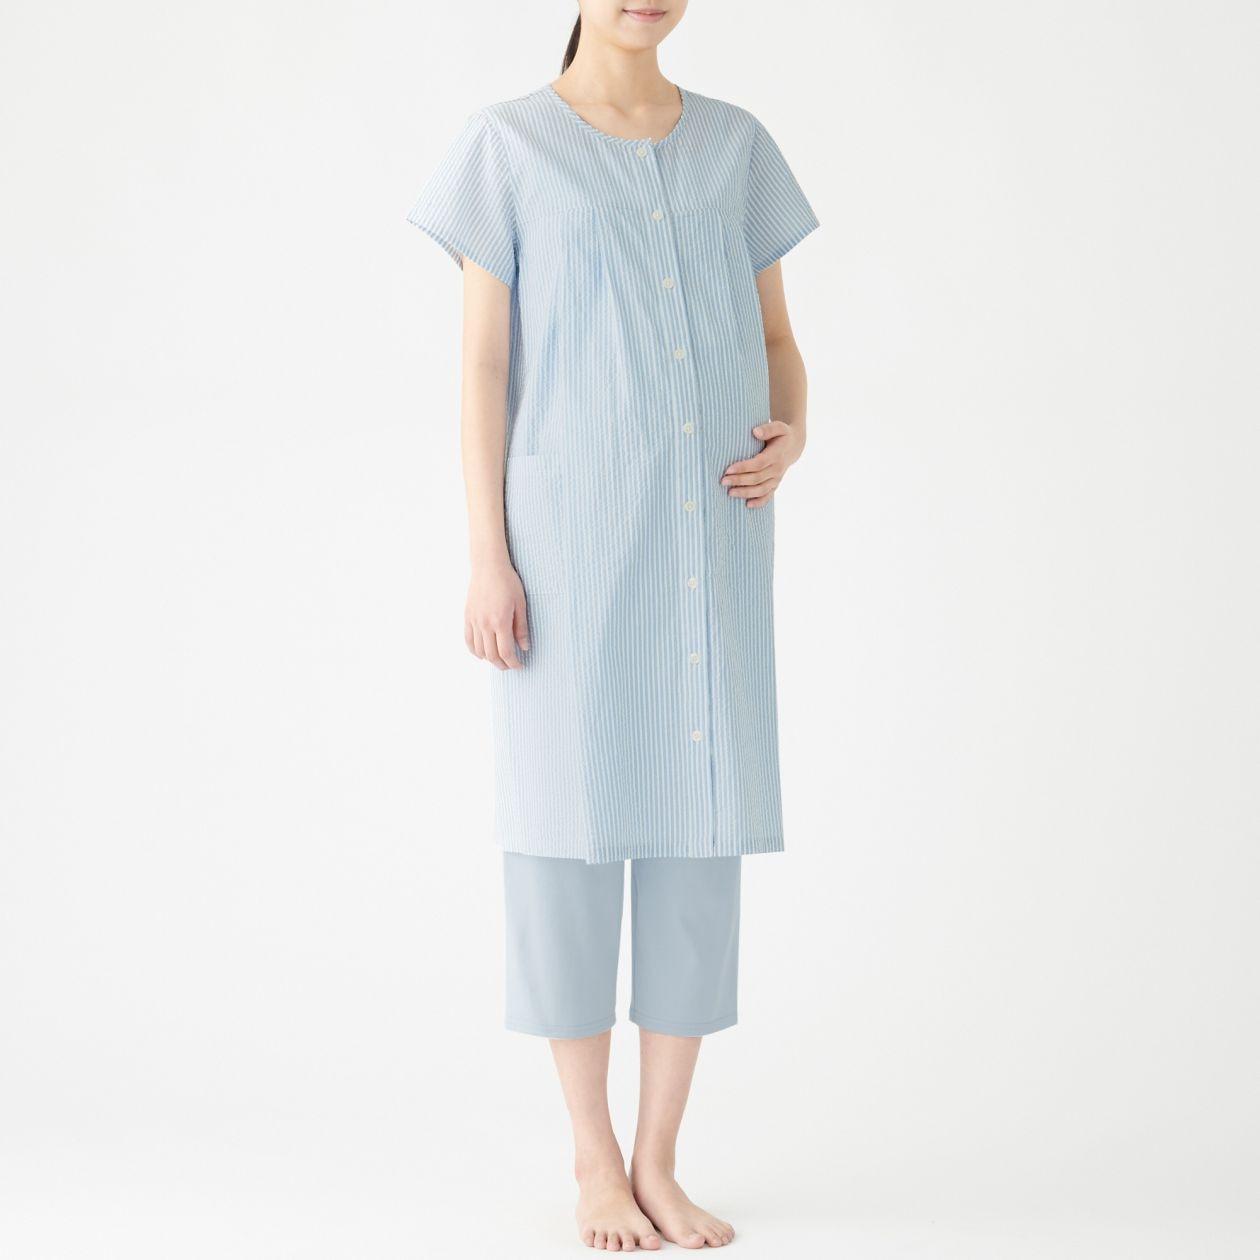 脇に縫い目のないサッカー授乳に便利な半袖パジャマ・八分丈